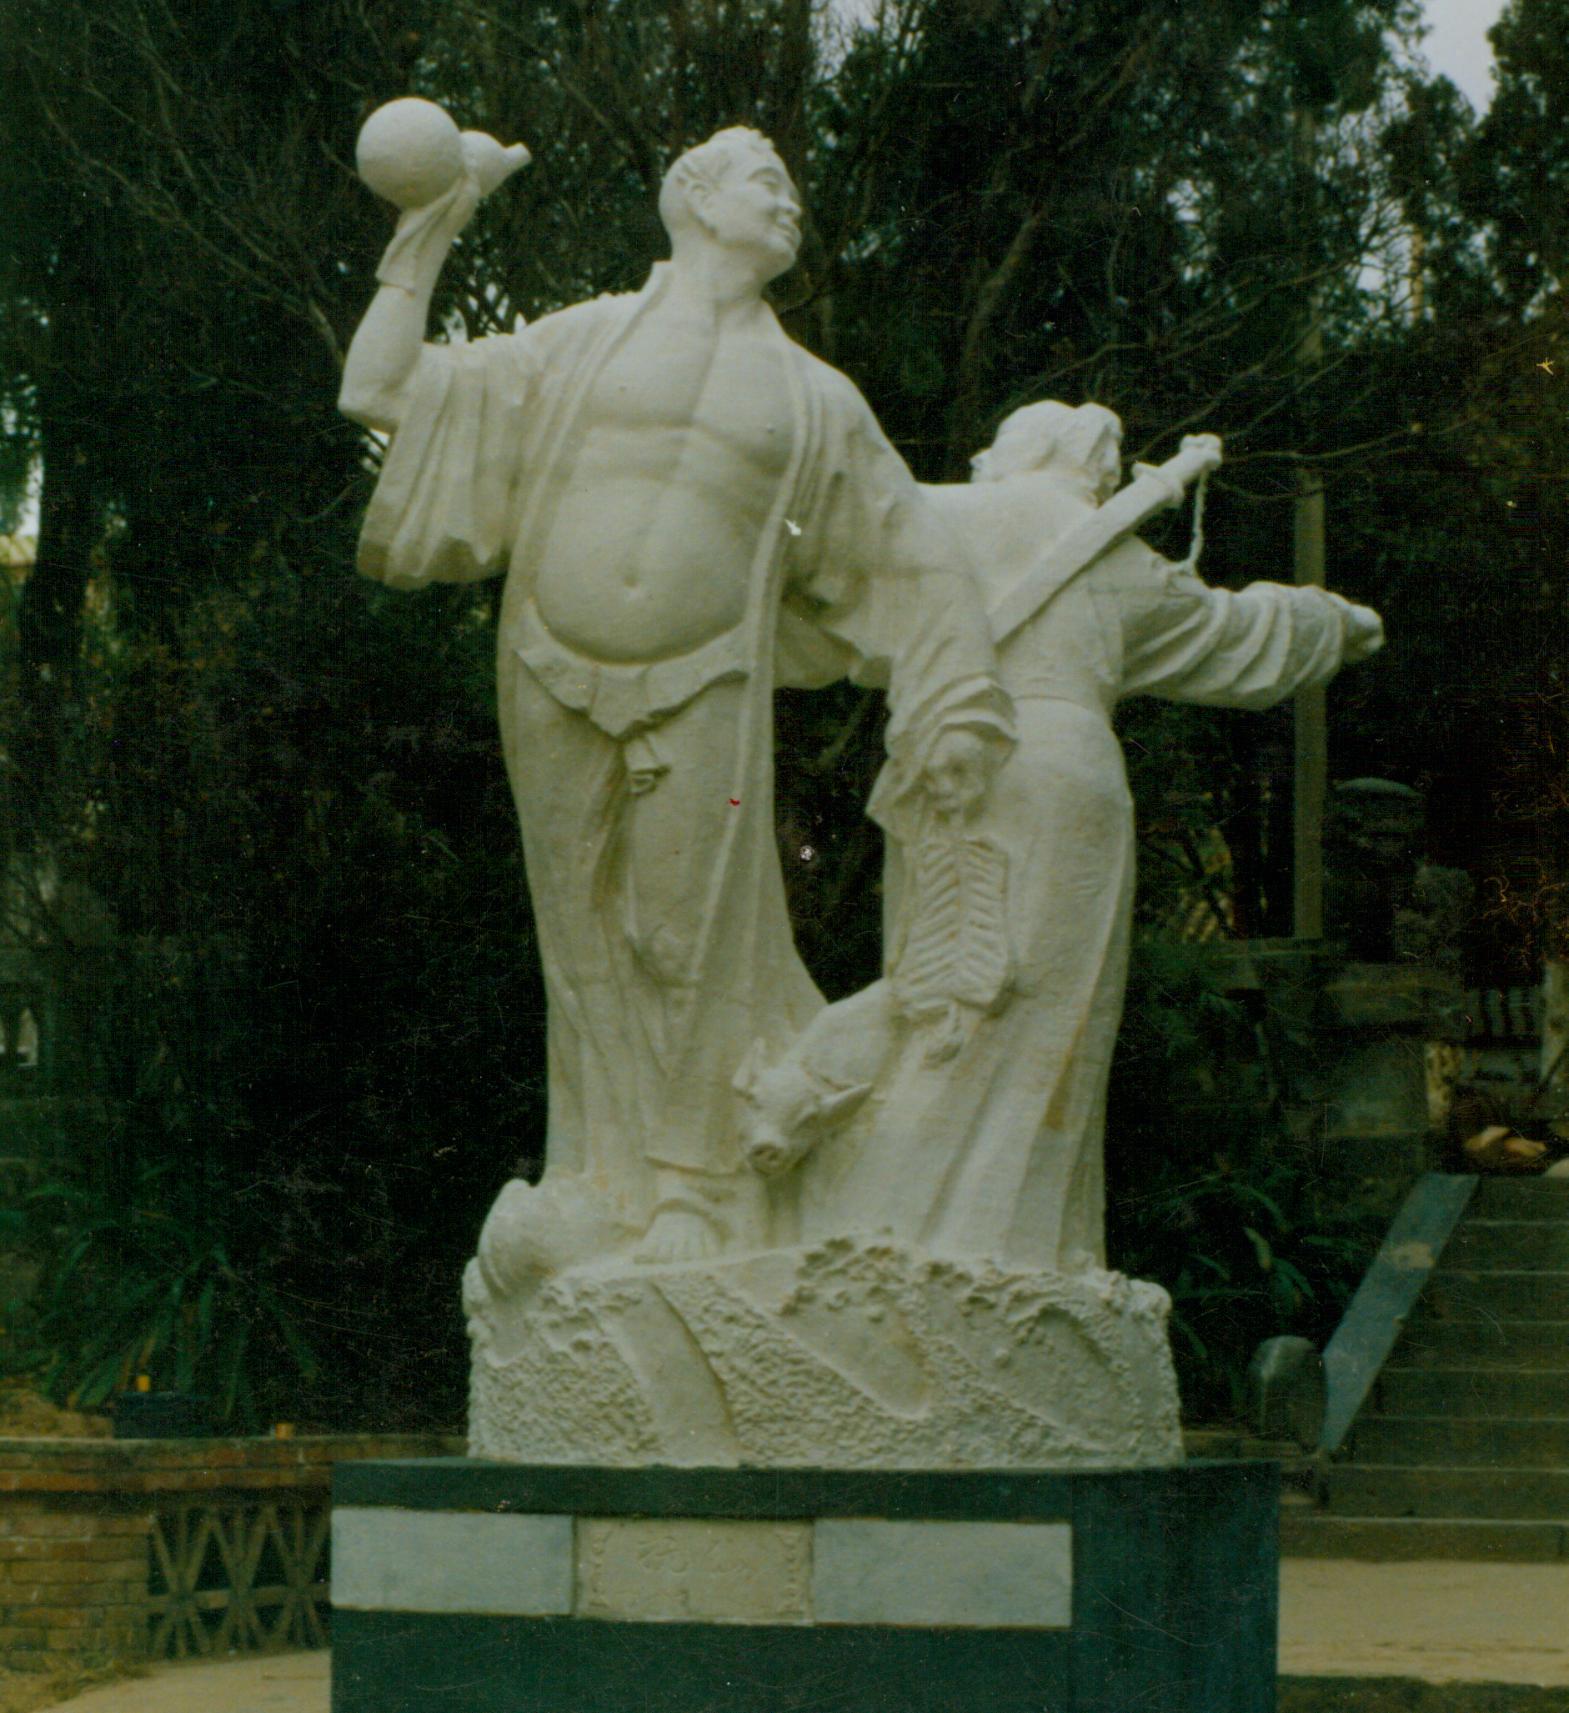 抚仙湖景区雕塑 - 八仙游湖